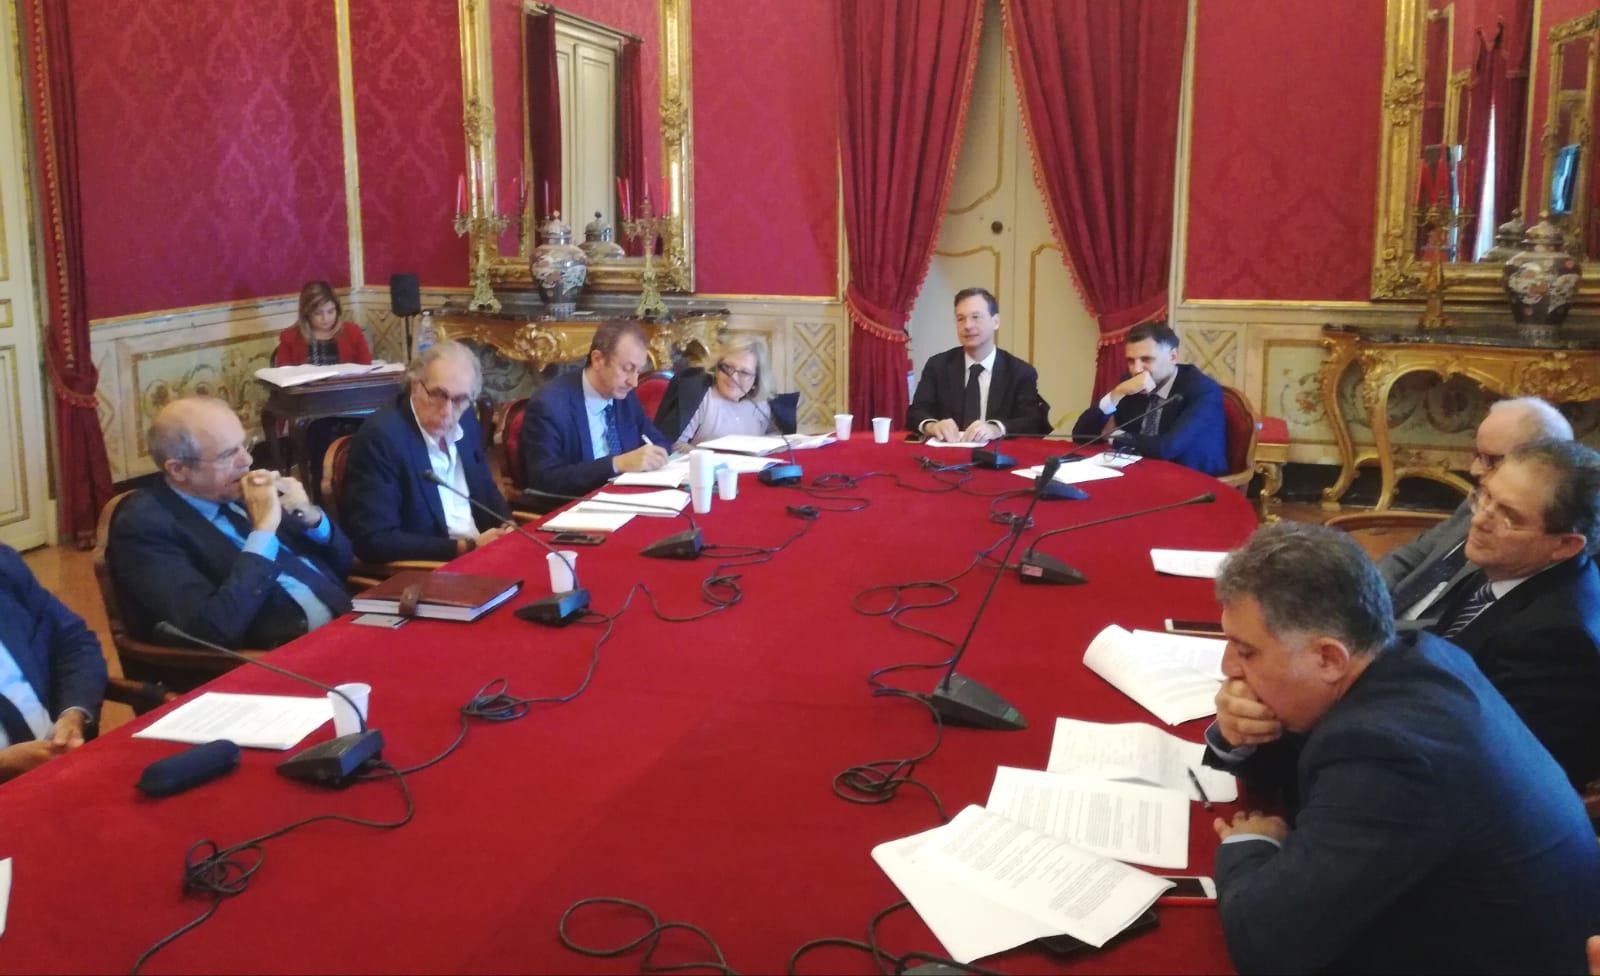 Palermo, Legge urbanistica. Barbagallo: prosegue confronto sul ddl, dopo 40 anni alla Sicilia servono nuove regole